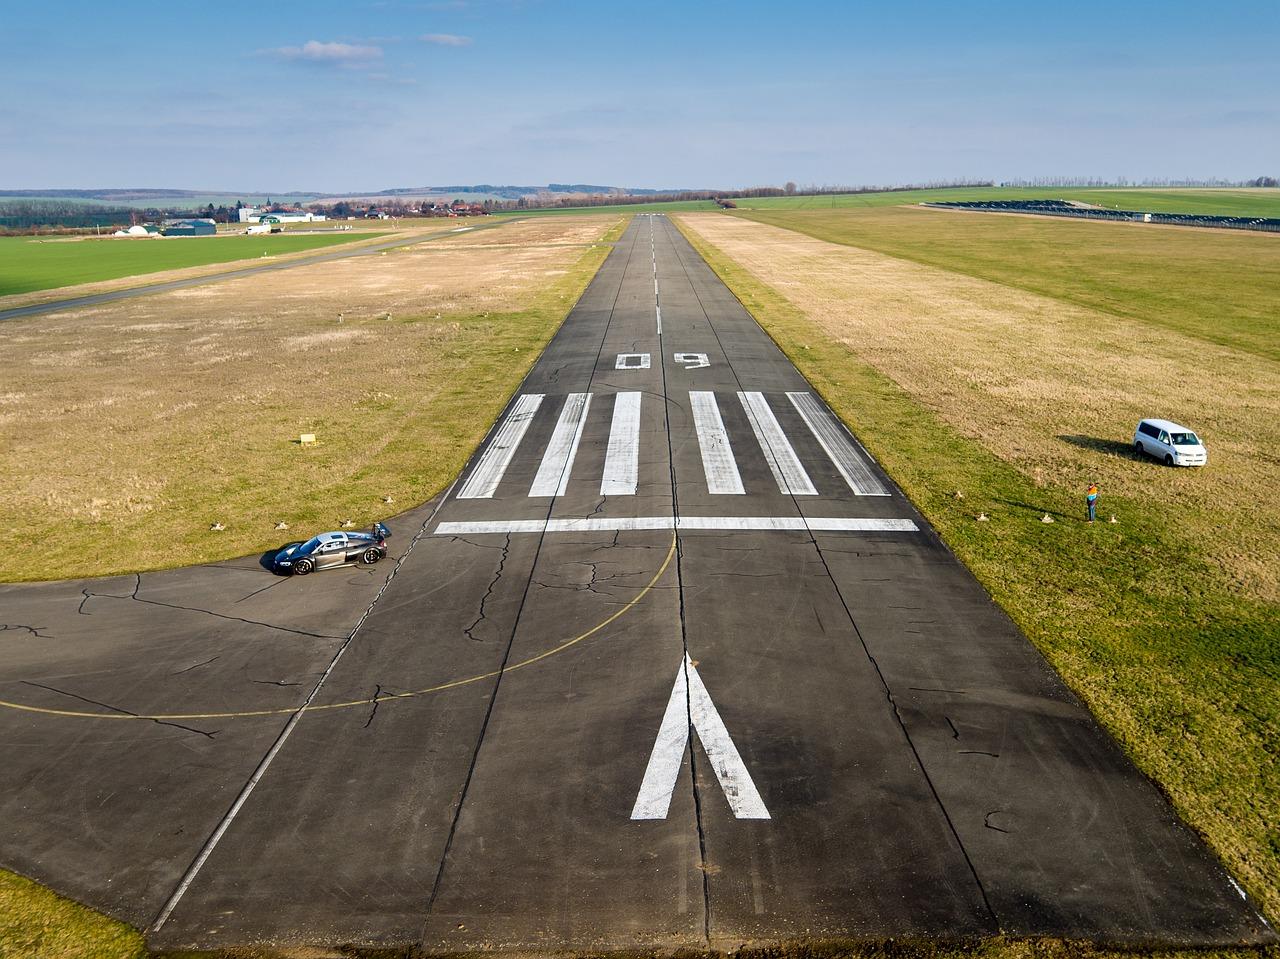 Specyficzne miejsca – koordynator ruchu lotniczego naziemnego, kto pracuje na lotnisku?